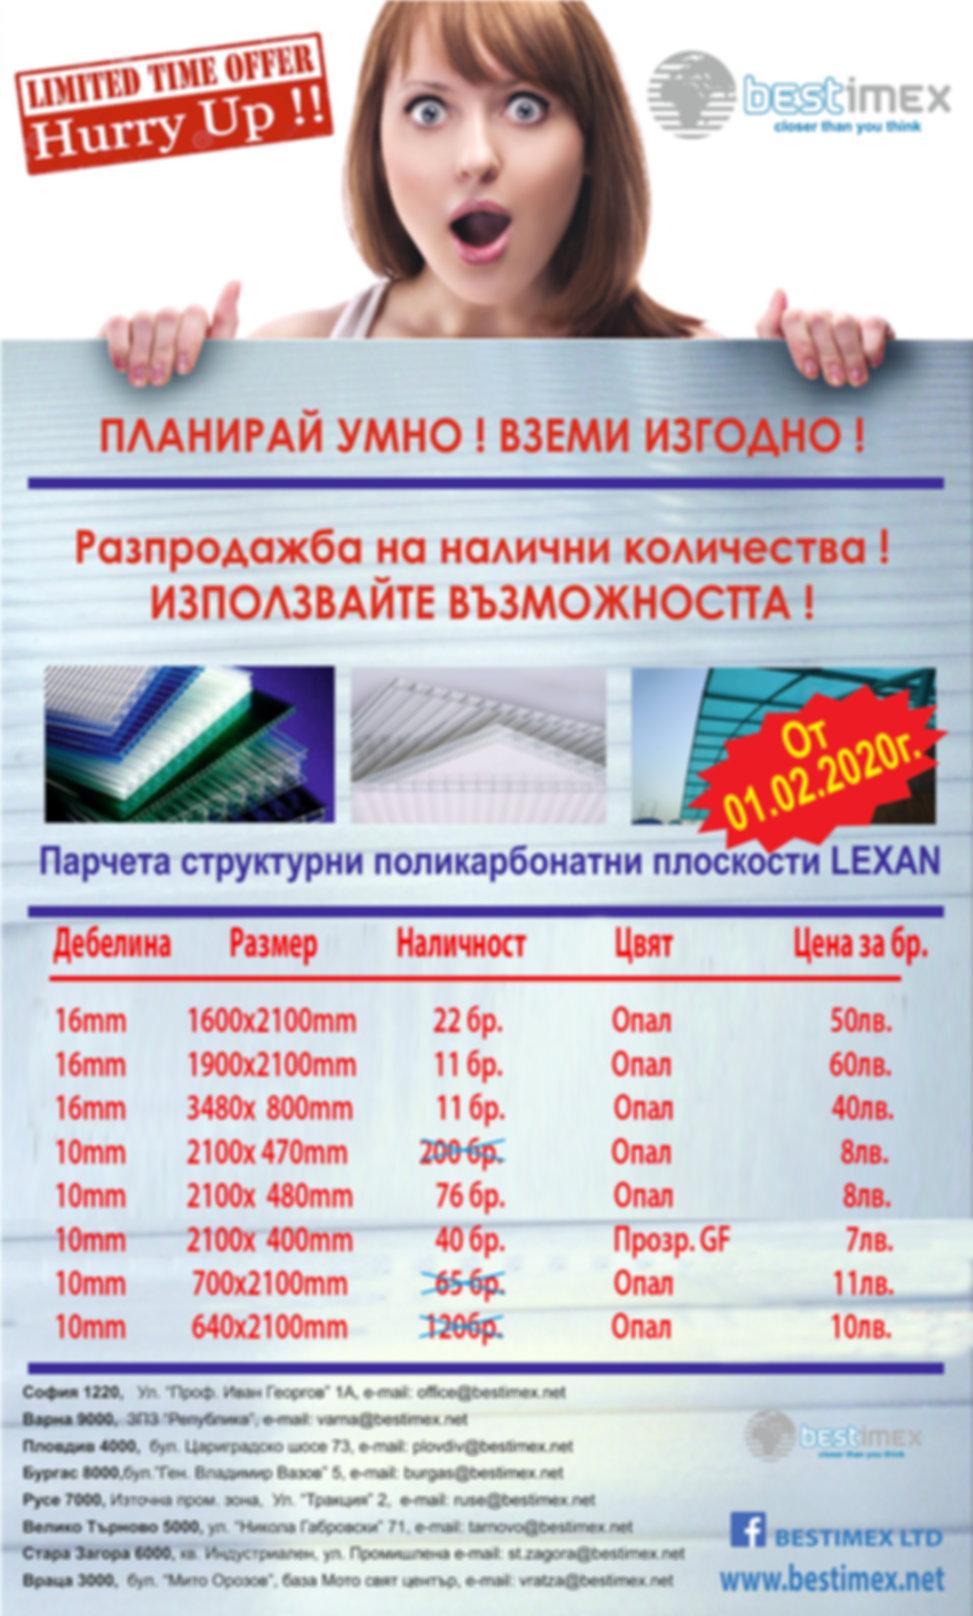 PC_promo1.jpg